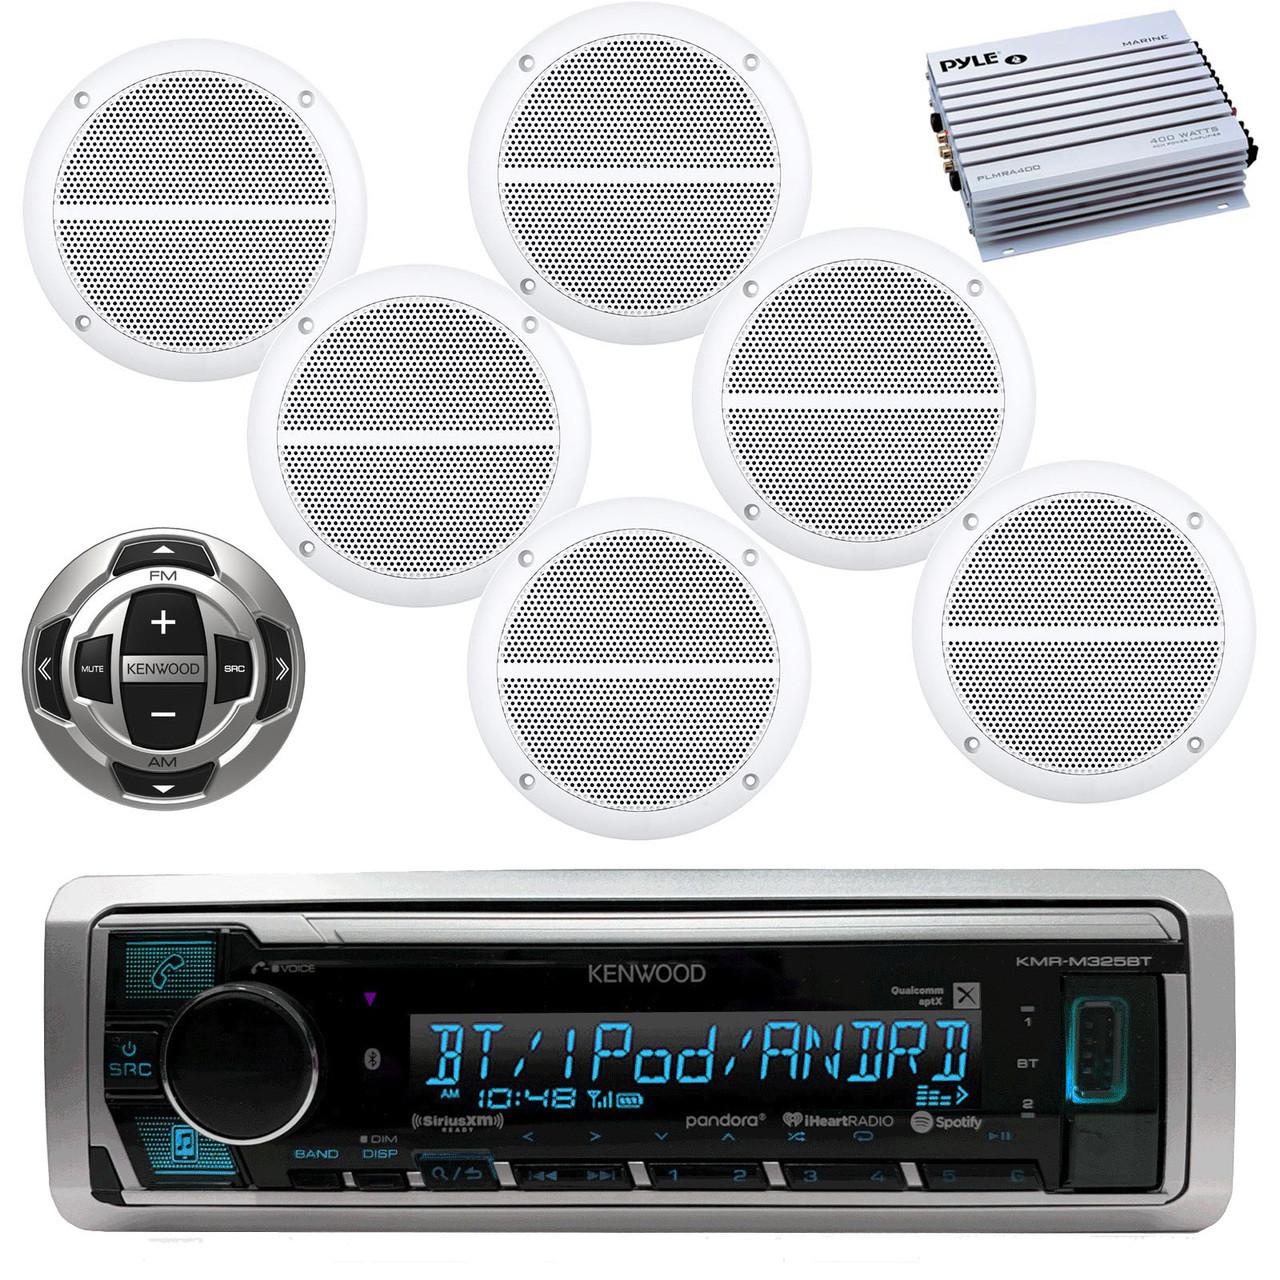 medium resolution of kenwood marine digital media bluetooth receiver 6x enrock marine 6 5 weather resistant speakers white pyle 4 channel waterproof amplifier white